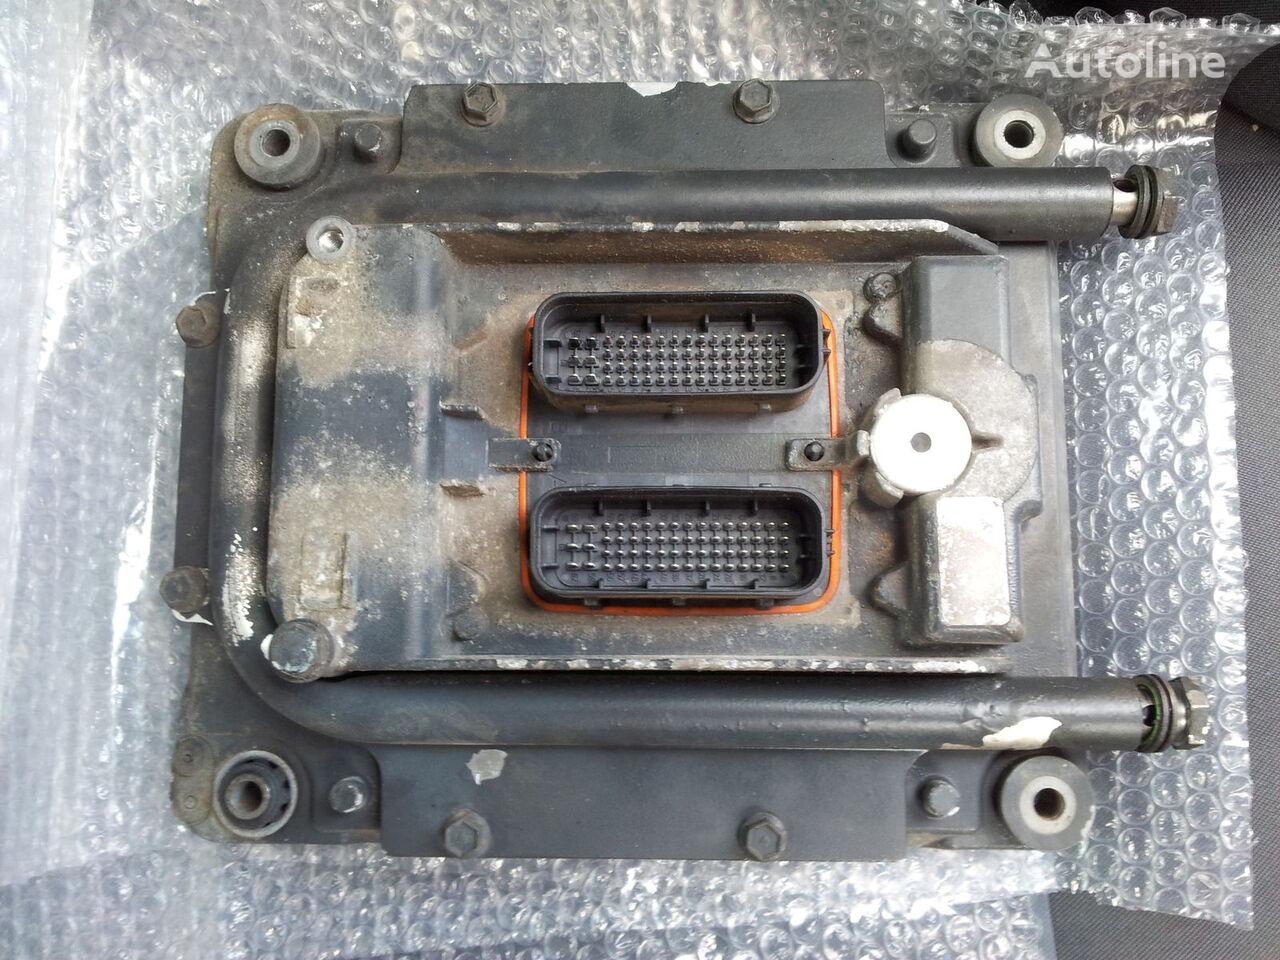 Renault Magnum DXI, engine control unit, EDC, ECU, 20977019 P03 control unit for RENAULT  Magnum DXI ECU tractor unit